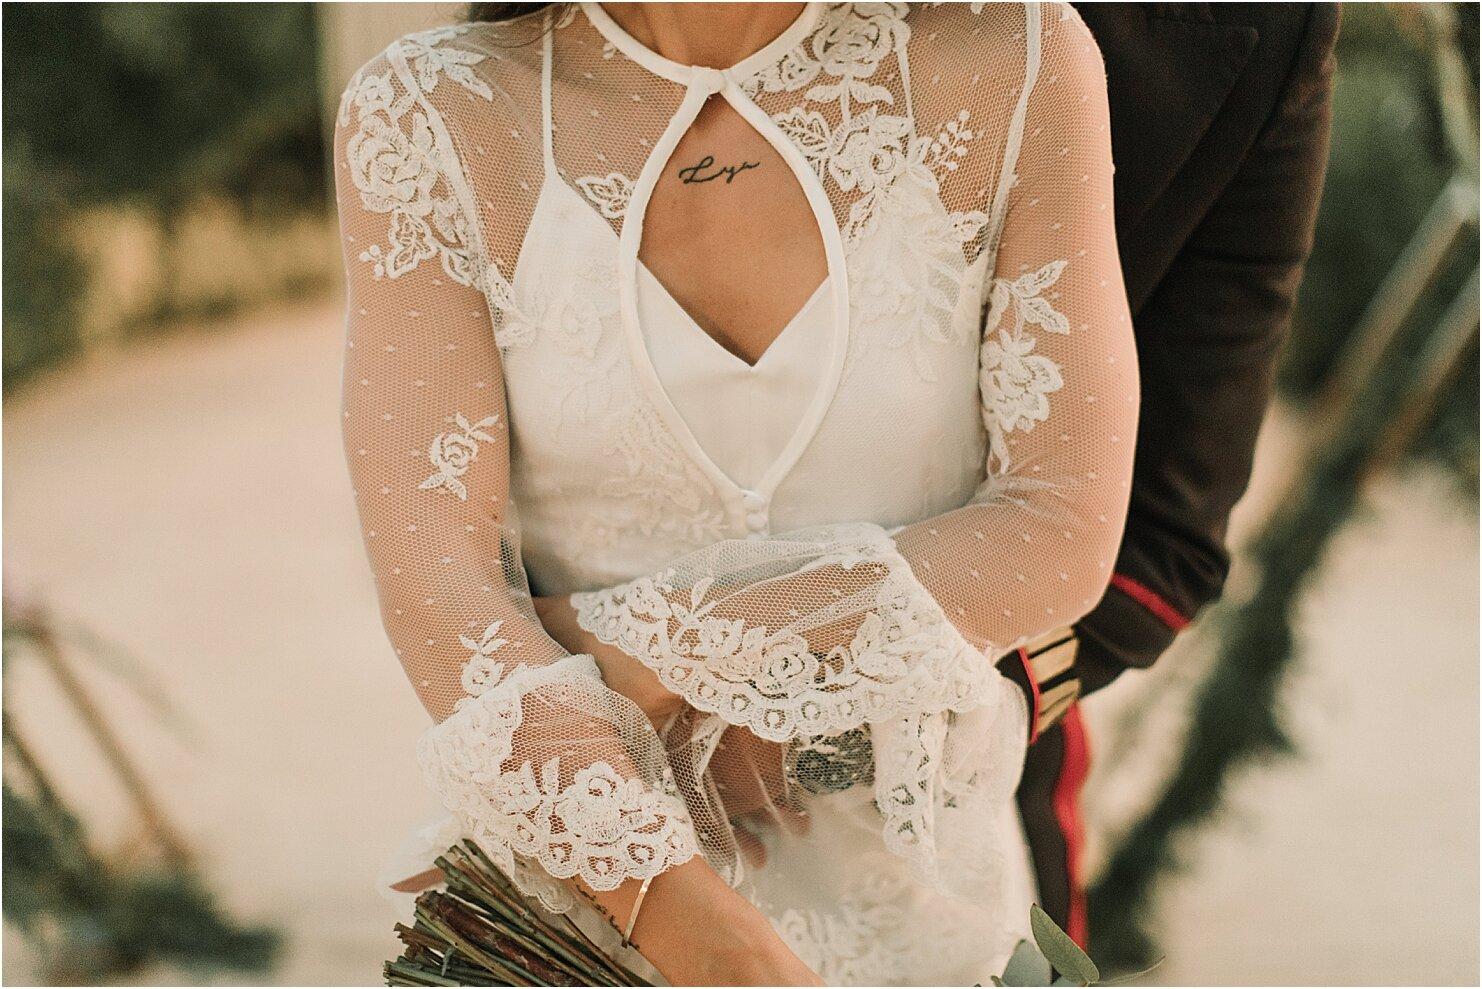 boda-romantica-boda-boho-vestido-de-novia-laura-lomas49.jpg